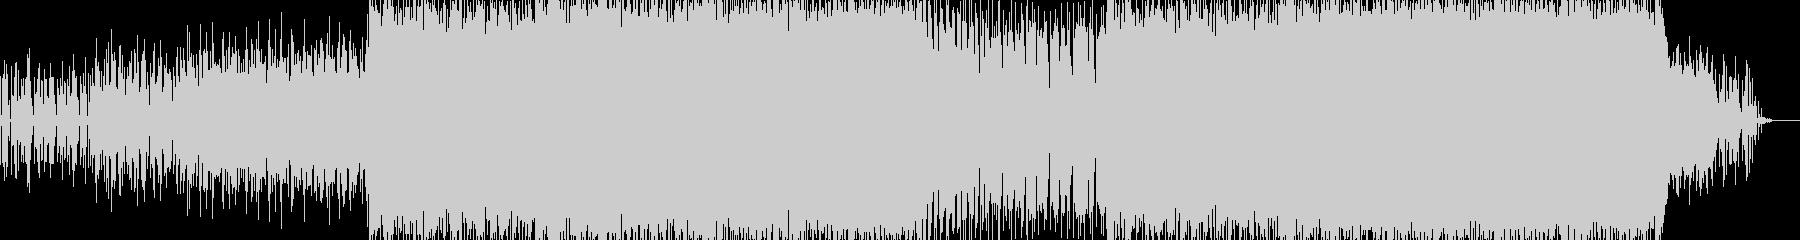 EDMクラブ系ダンスミュージック-123の未再生の波形